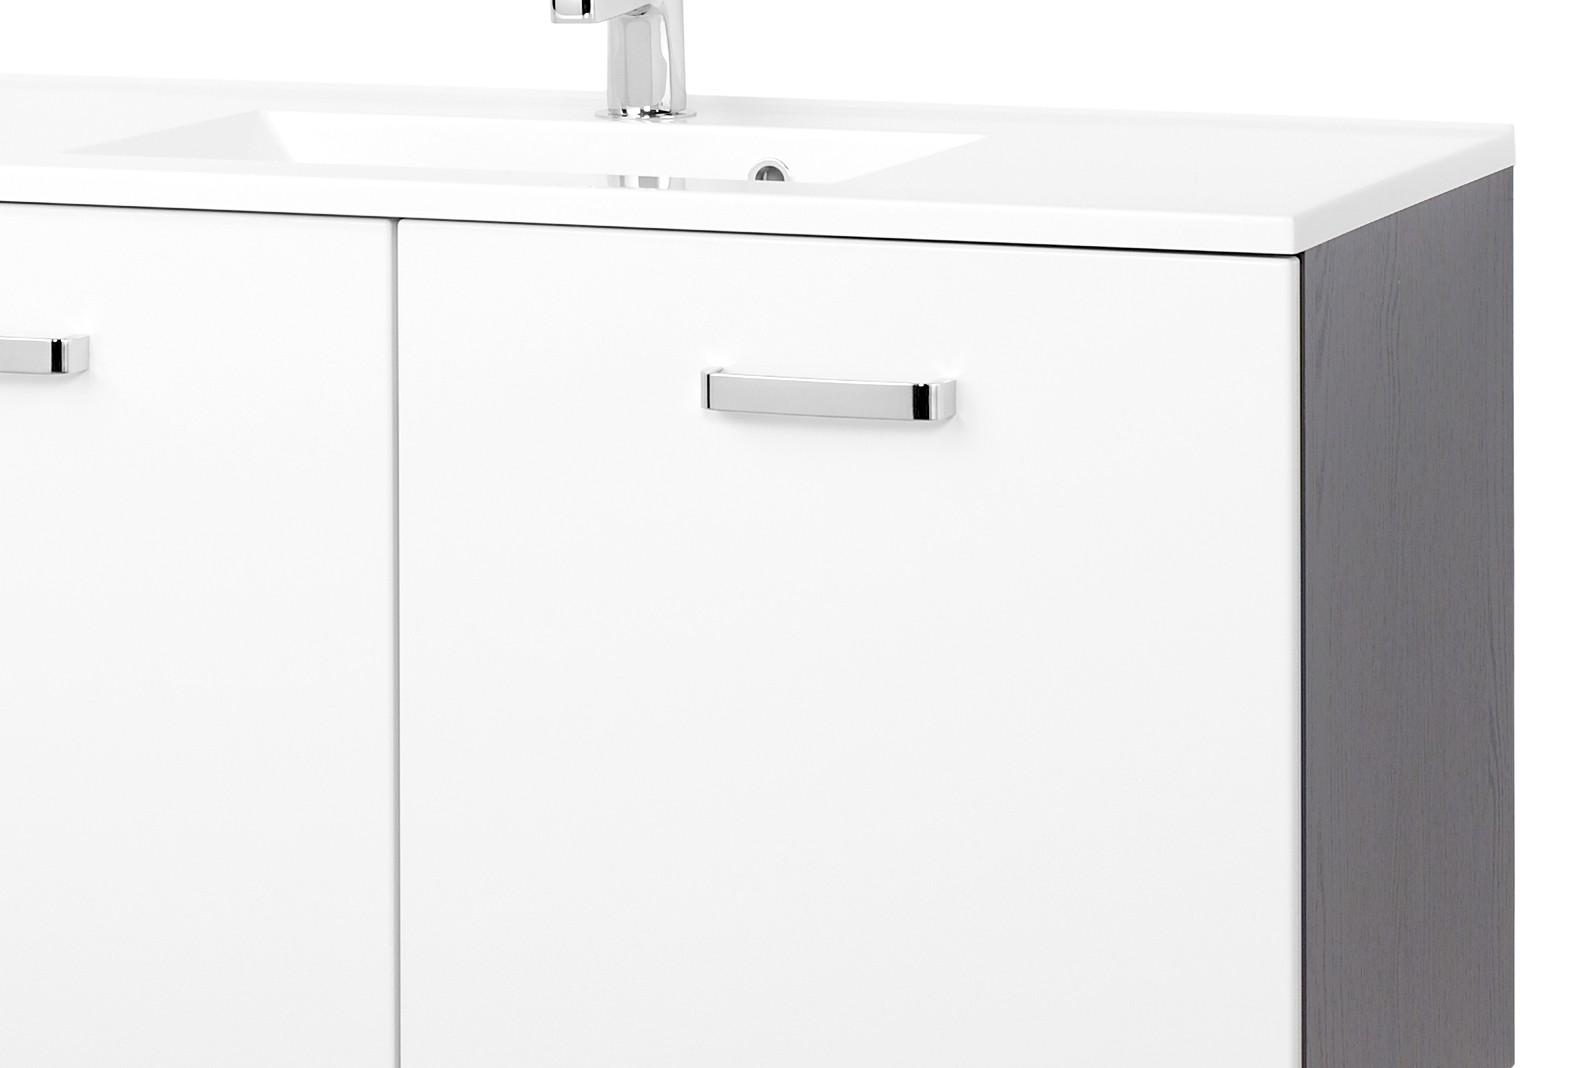 bad waschtisch bologna 2 t rig 100 cm breit hochglanz wei graphitgrau bad waschtische. Black Bedroom Furniture Sets. Home Design Ideas